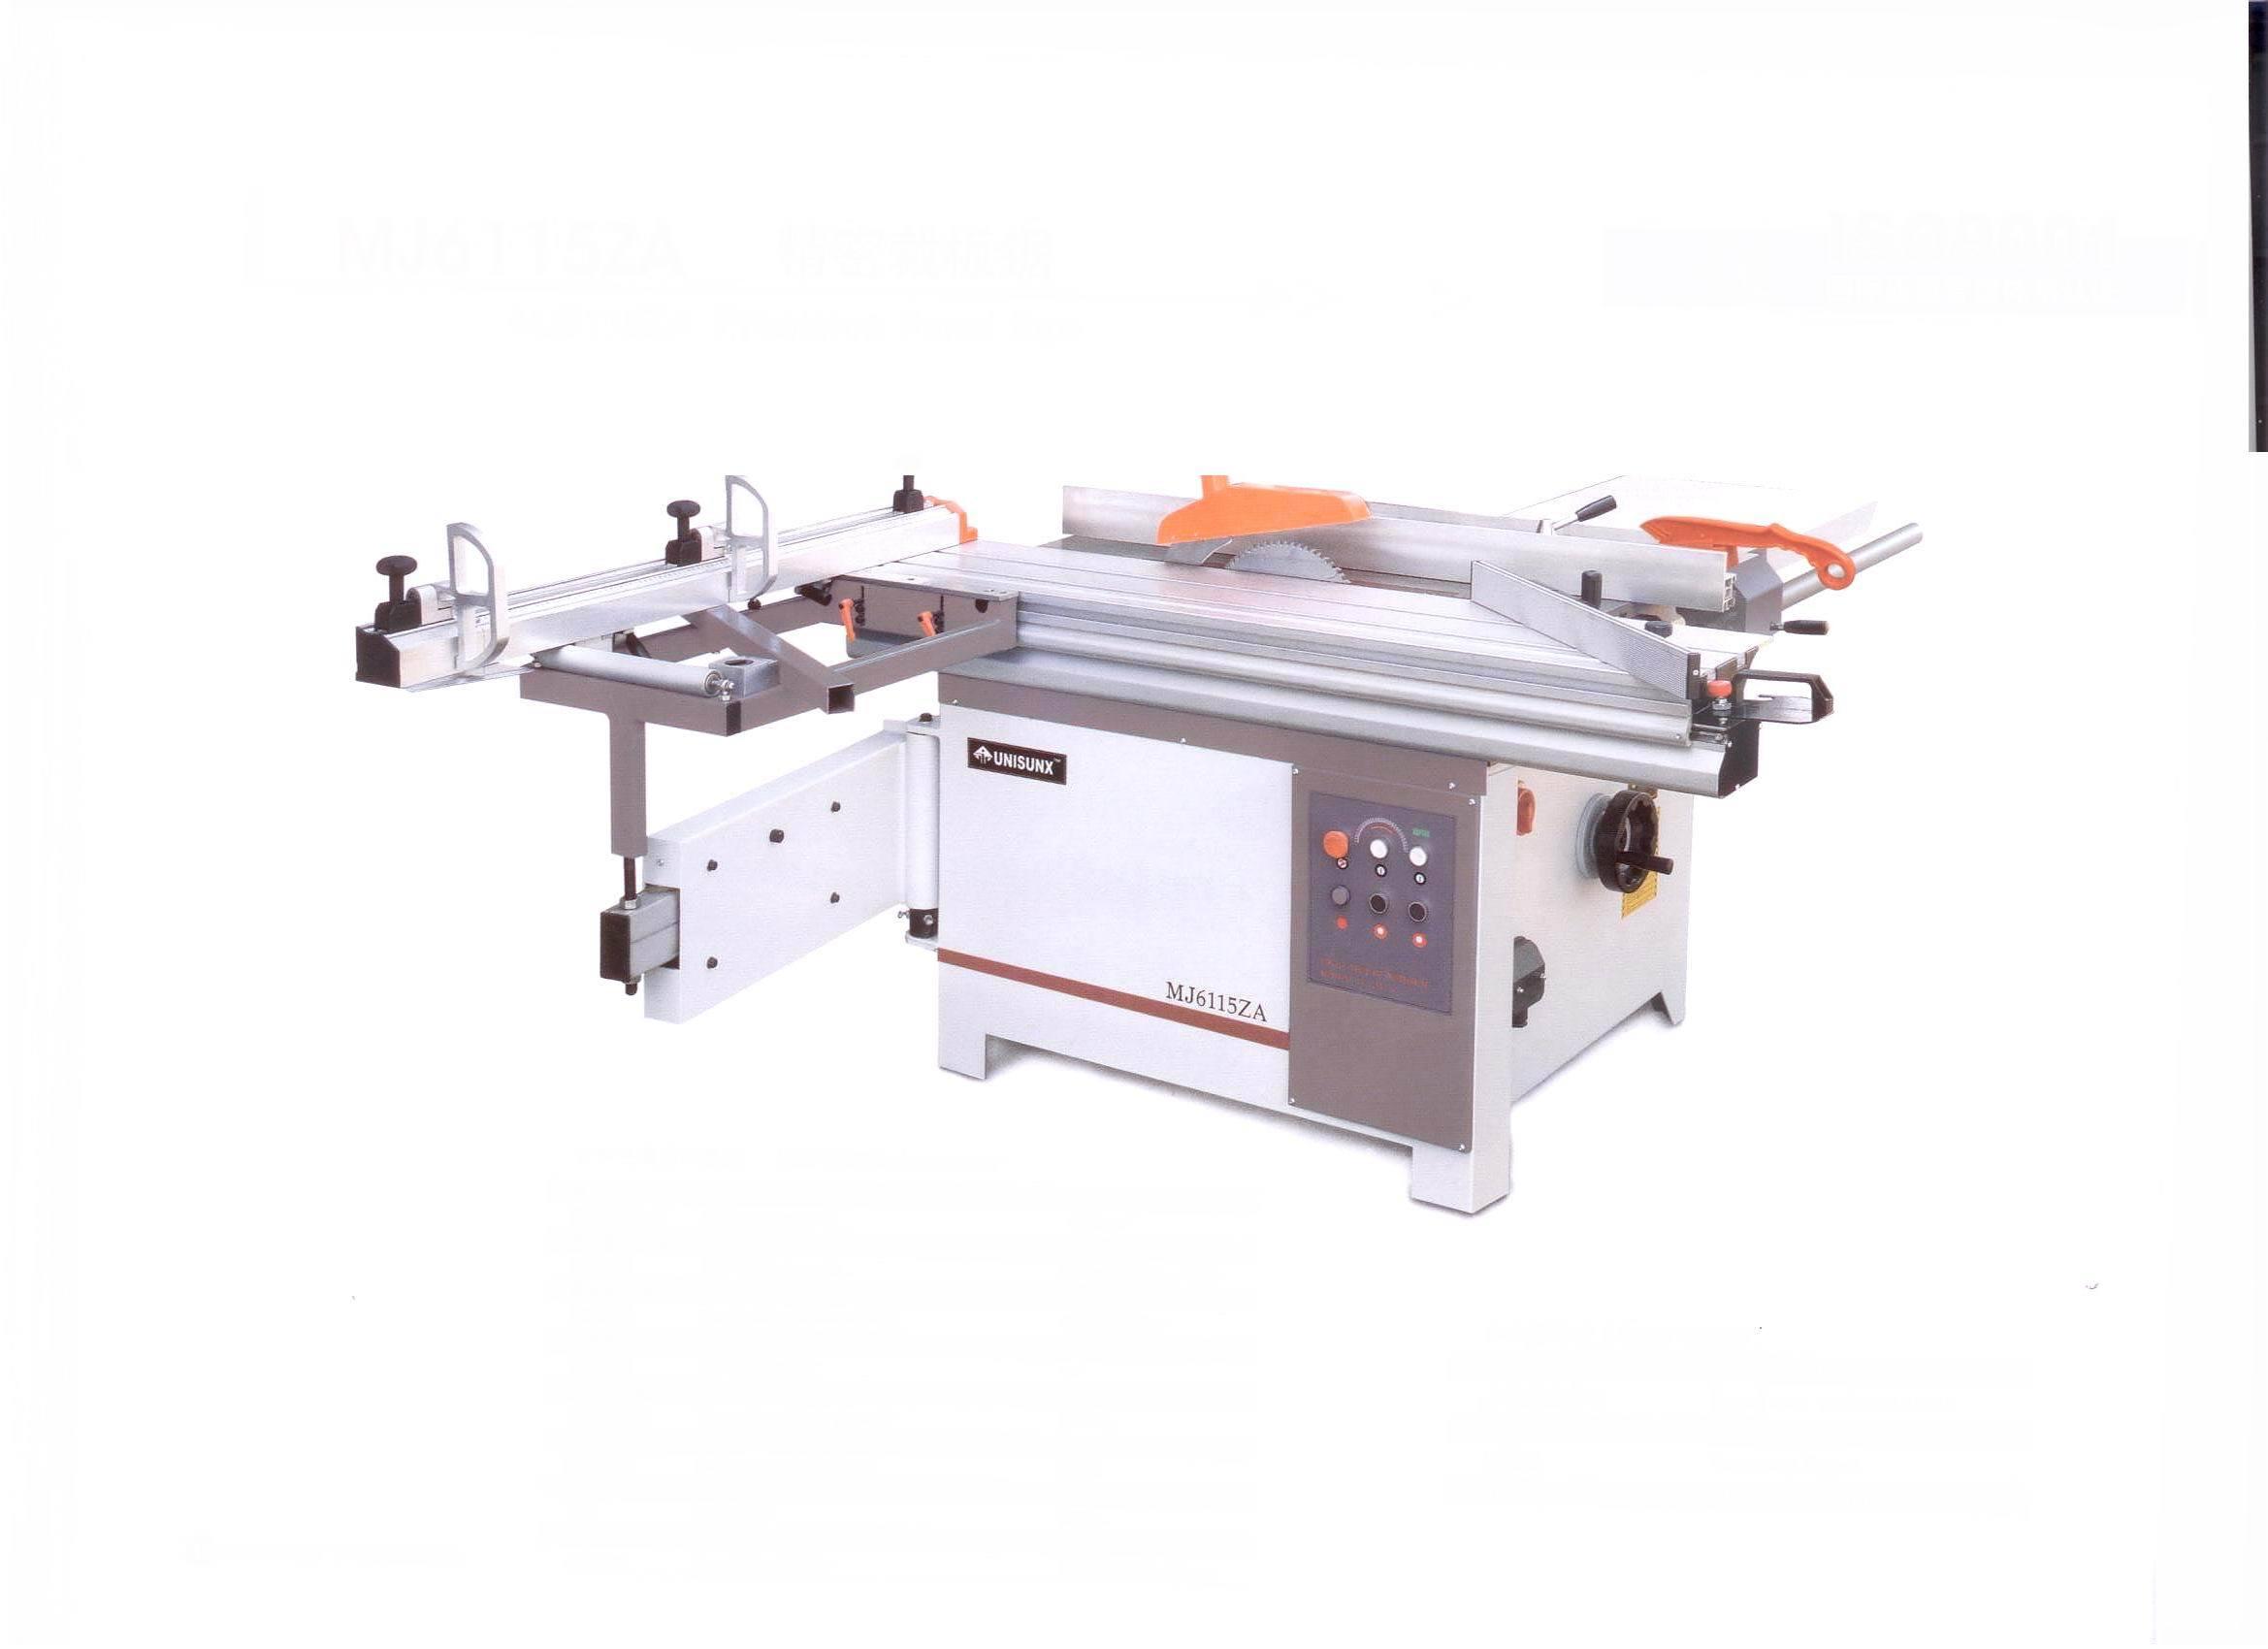 China Precision Panel Saw - China Precision Panel Saw, Panel Saw